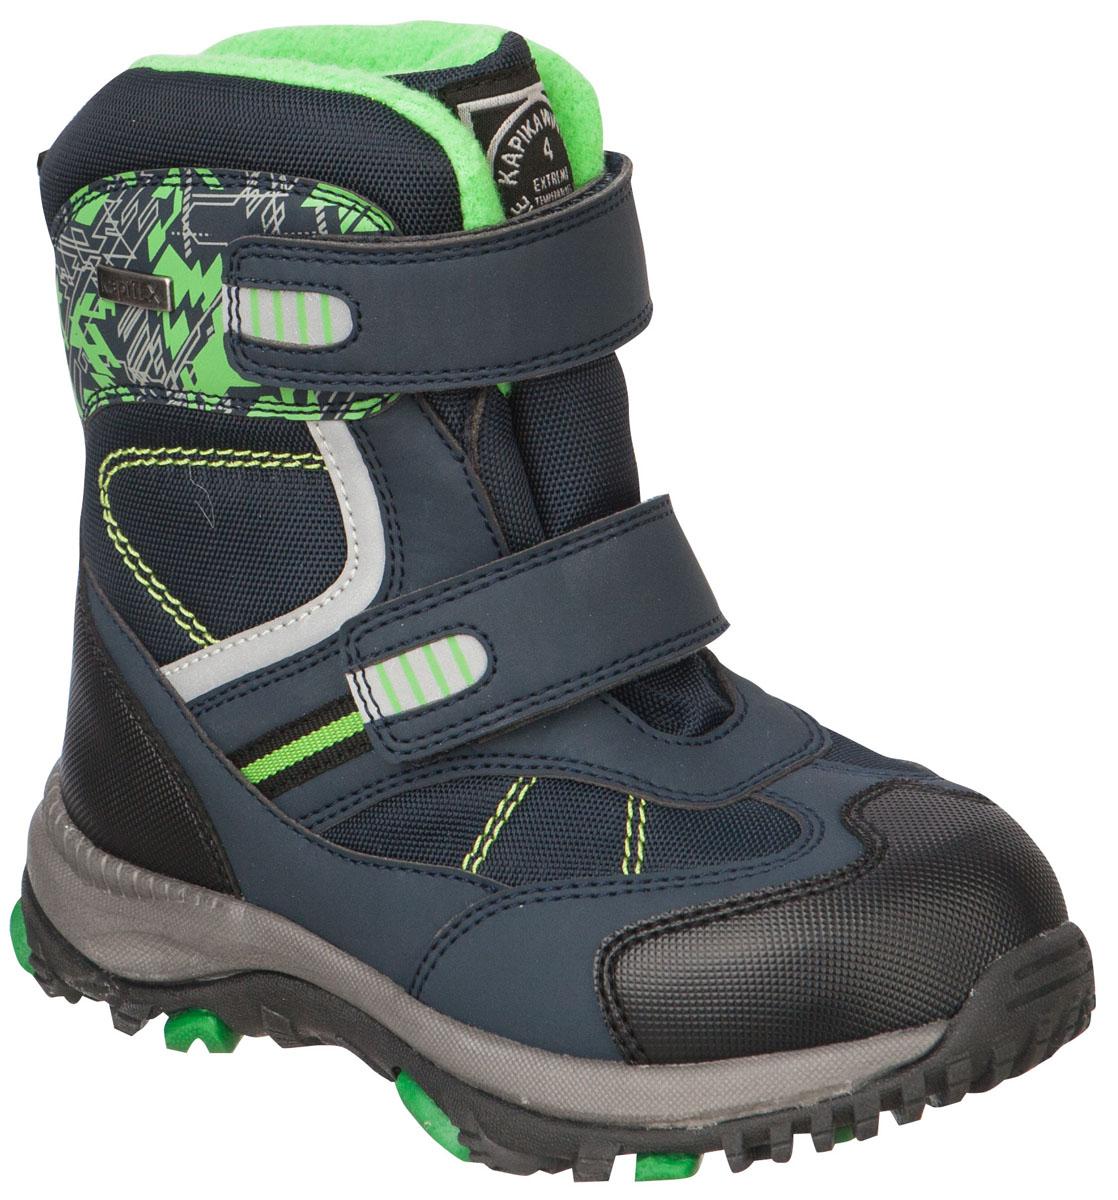 41174-1Легкие, удобные и теплые ботинки от Kapika выполнены из мембранных материалов и искусственной кожи. Два ремешка на застежках-липучках надежно фиксируют изделие на ноге. Мягкая подкладка и стелька из шерсти обеспечивают тепло, циркуляцию воздуха и сохраняют комфортный микроклимат в обуви. Подошва с протектором гарантирует идеальное сцепление с любыми поверхностями. Идеальная зимняя обувь для активных детей и подростков. Модель большемерит на 1 размер.